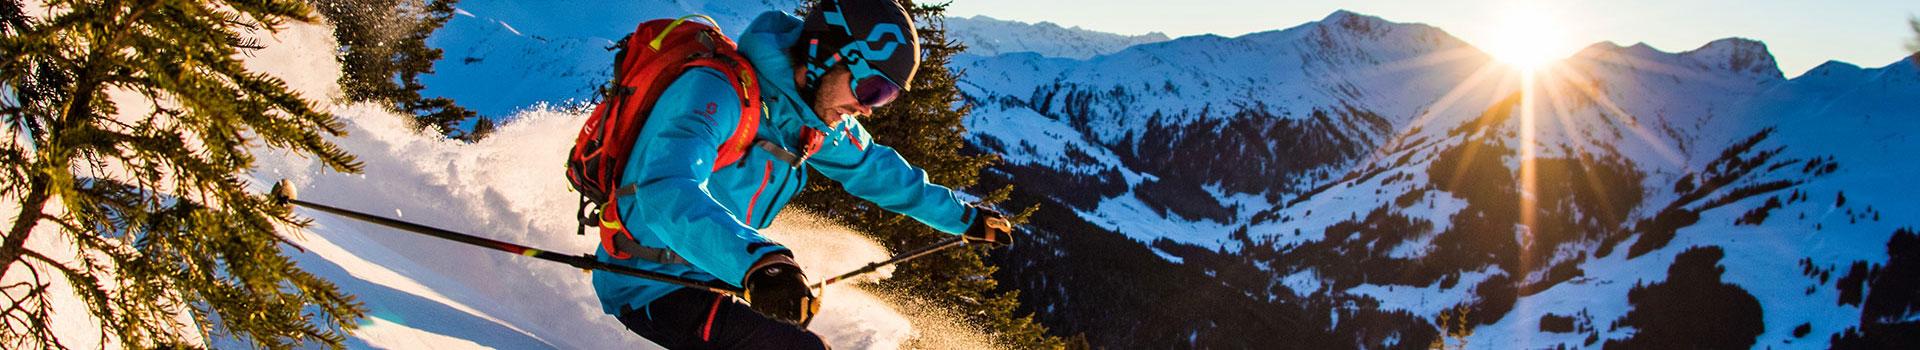 Freeride Skischool Saalbach